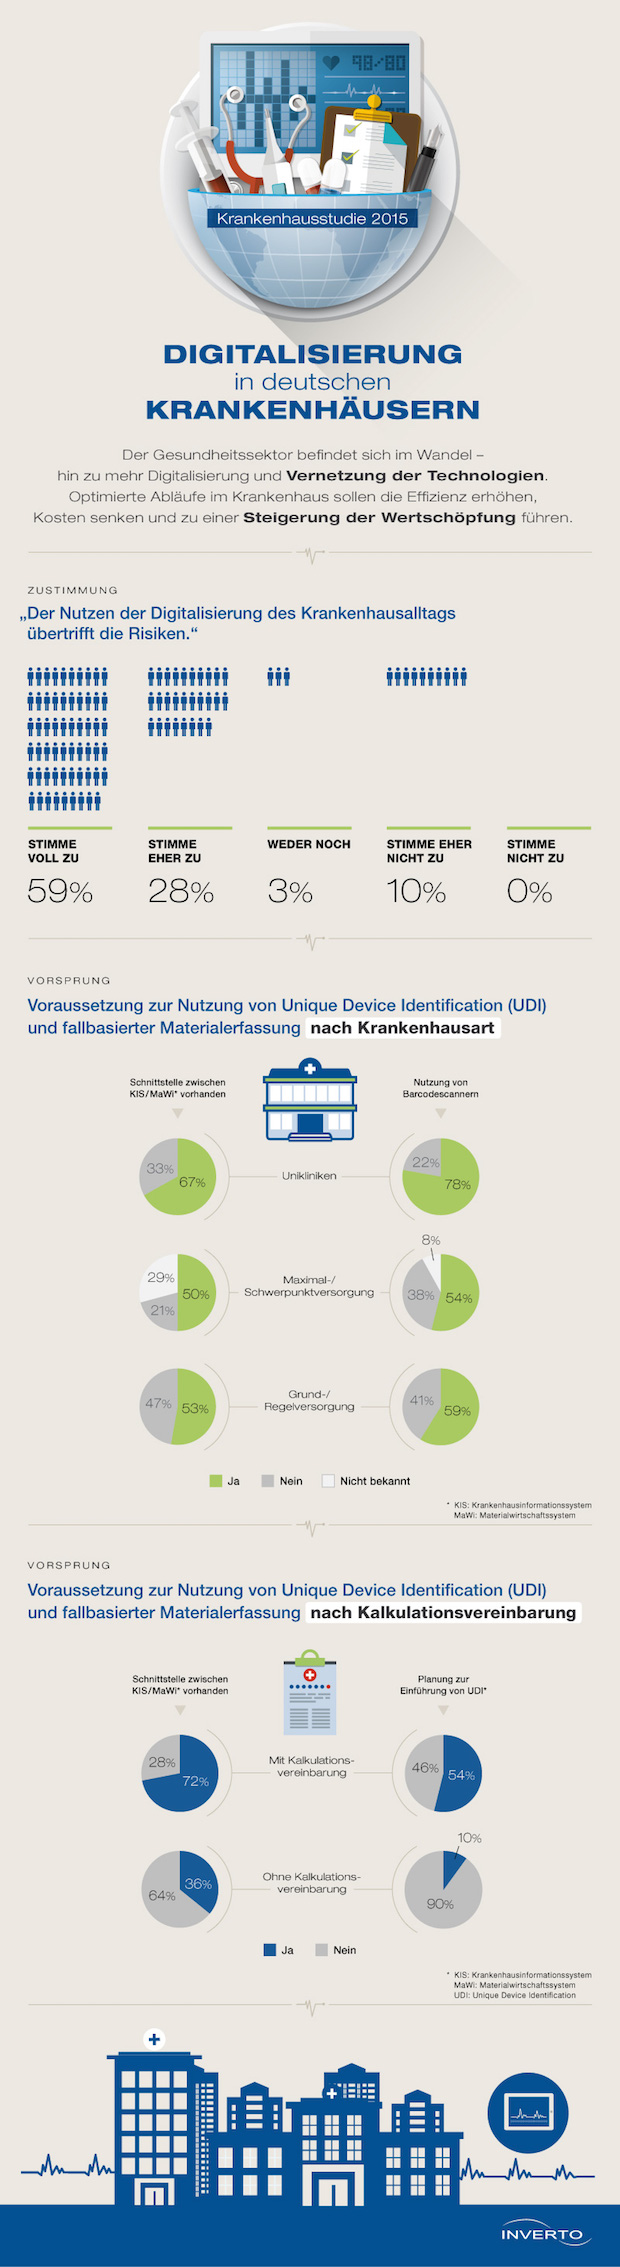 Bild von Digitalisierung in deutschen Krankenhäusern